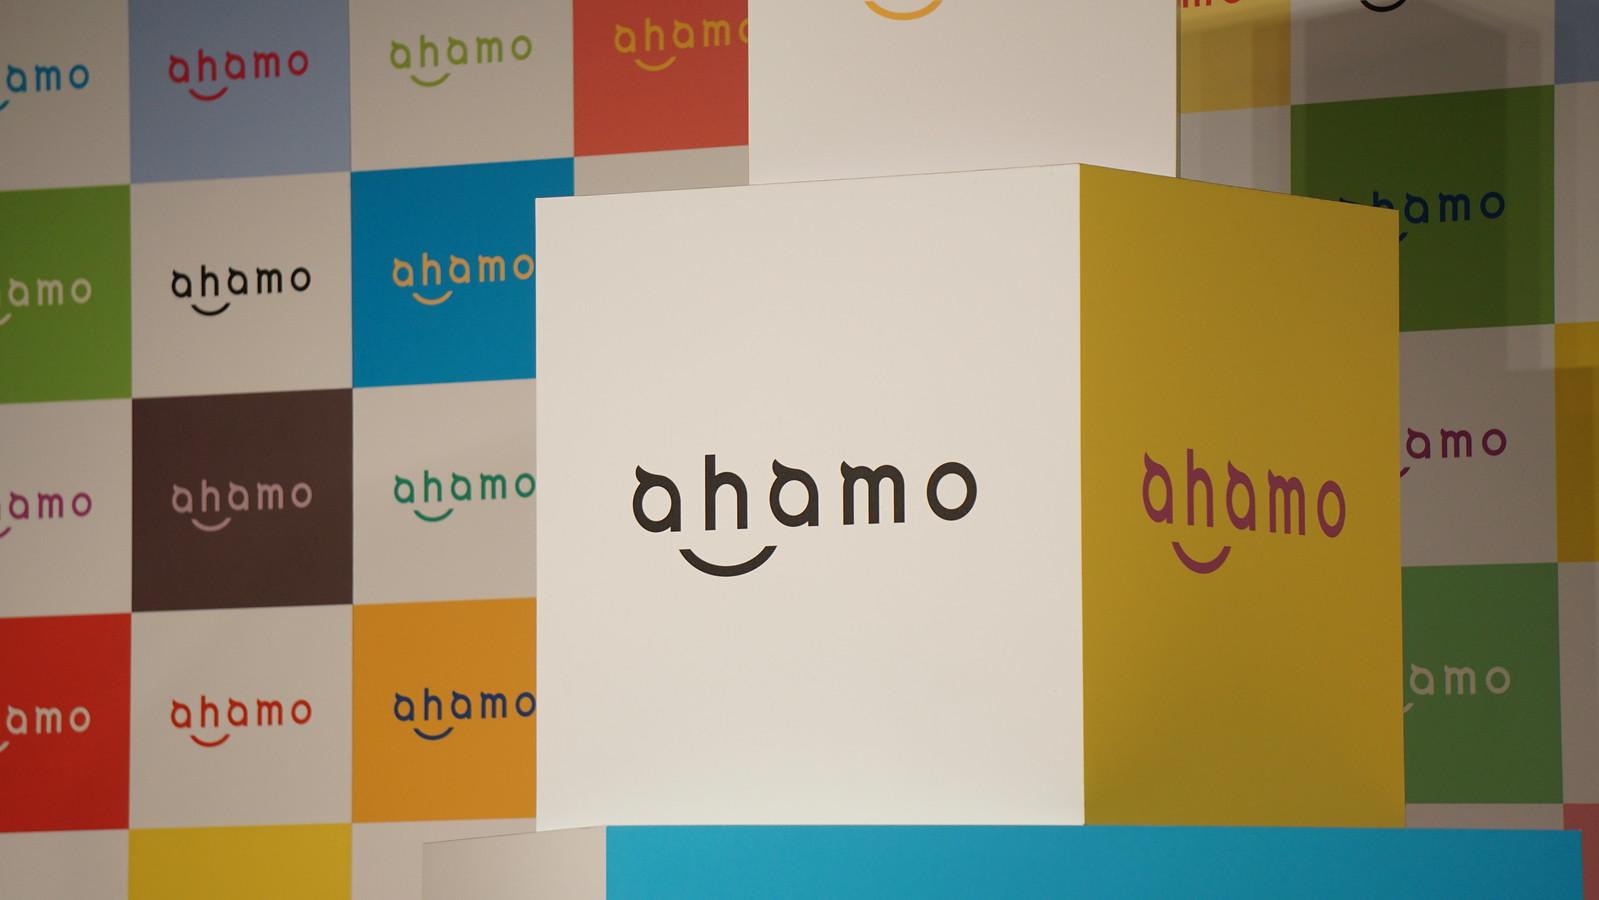 ドコモ「ahamo」(アハモ)はいつから開始?注意点・デメリットなどまとめ